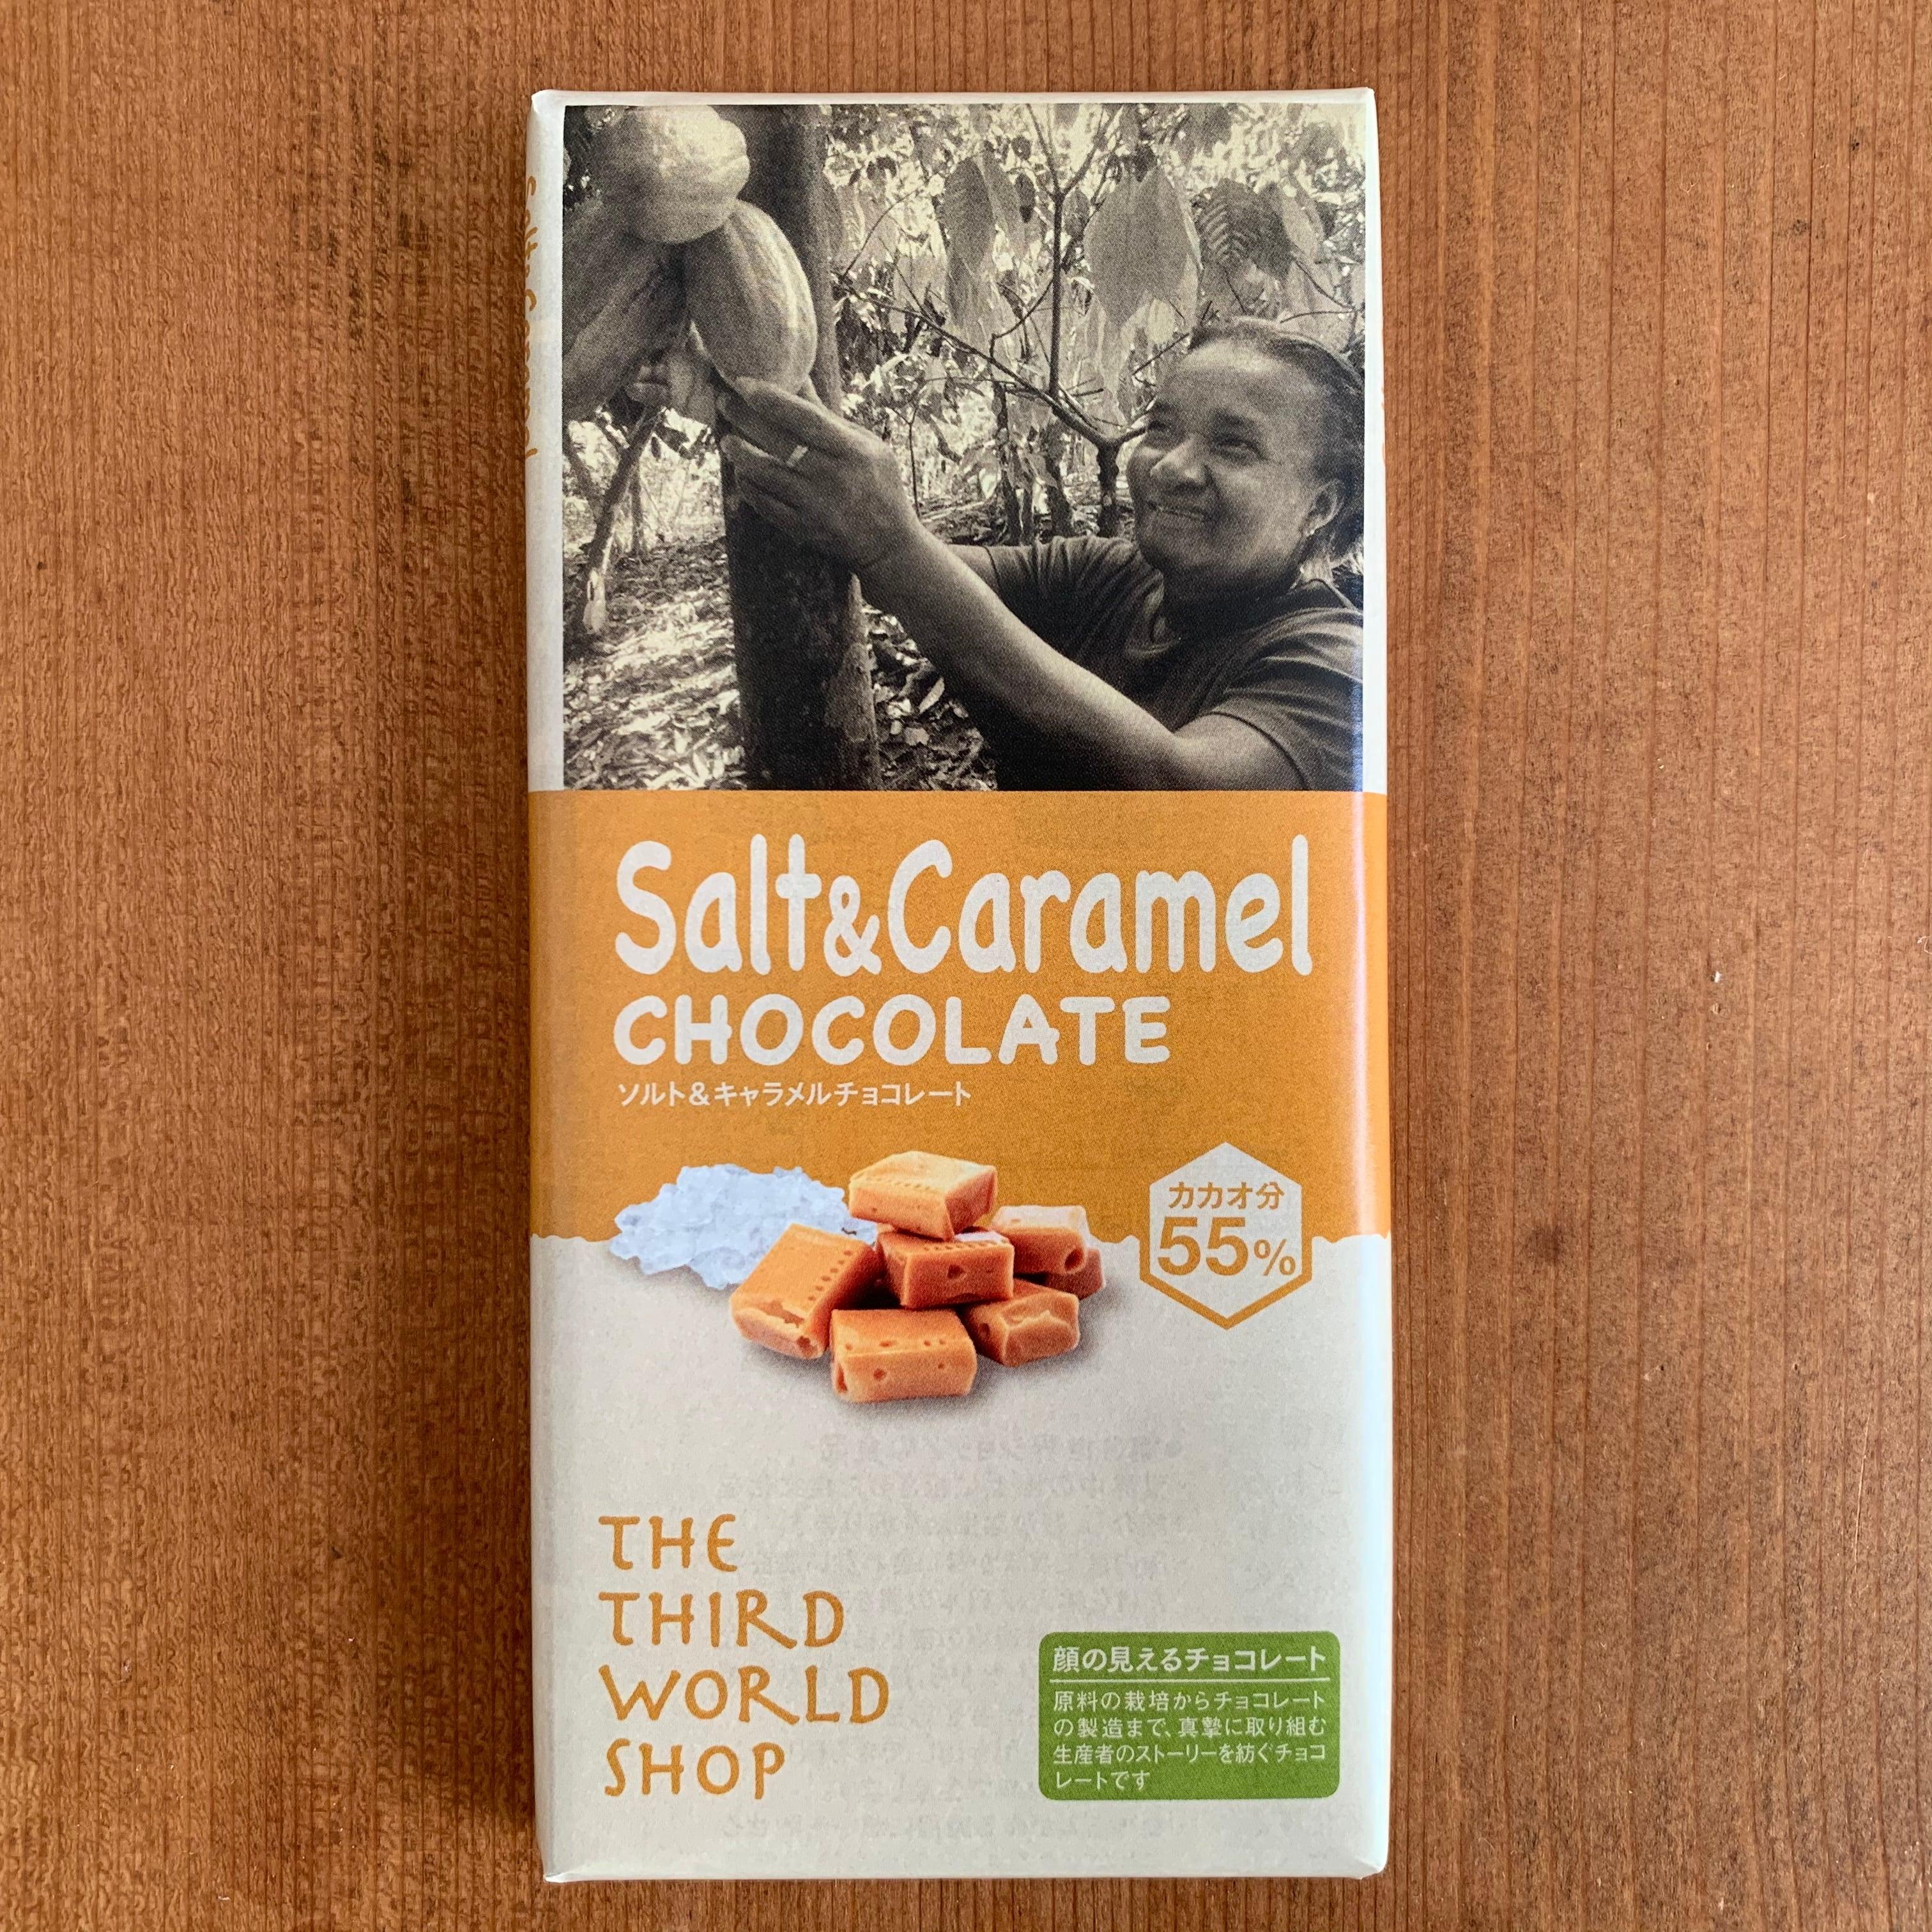 フェアトレードチョコレート ソルト&キャラメル 【乳化剤・白砂糖不使用】